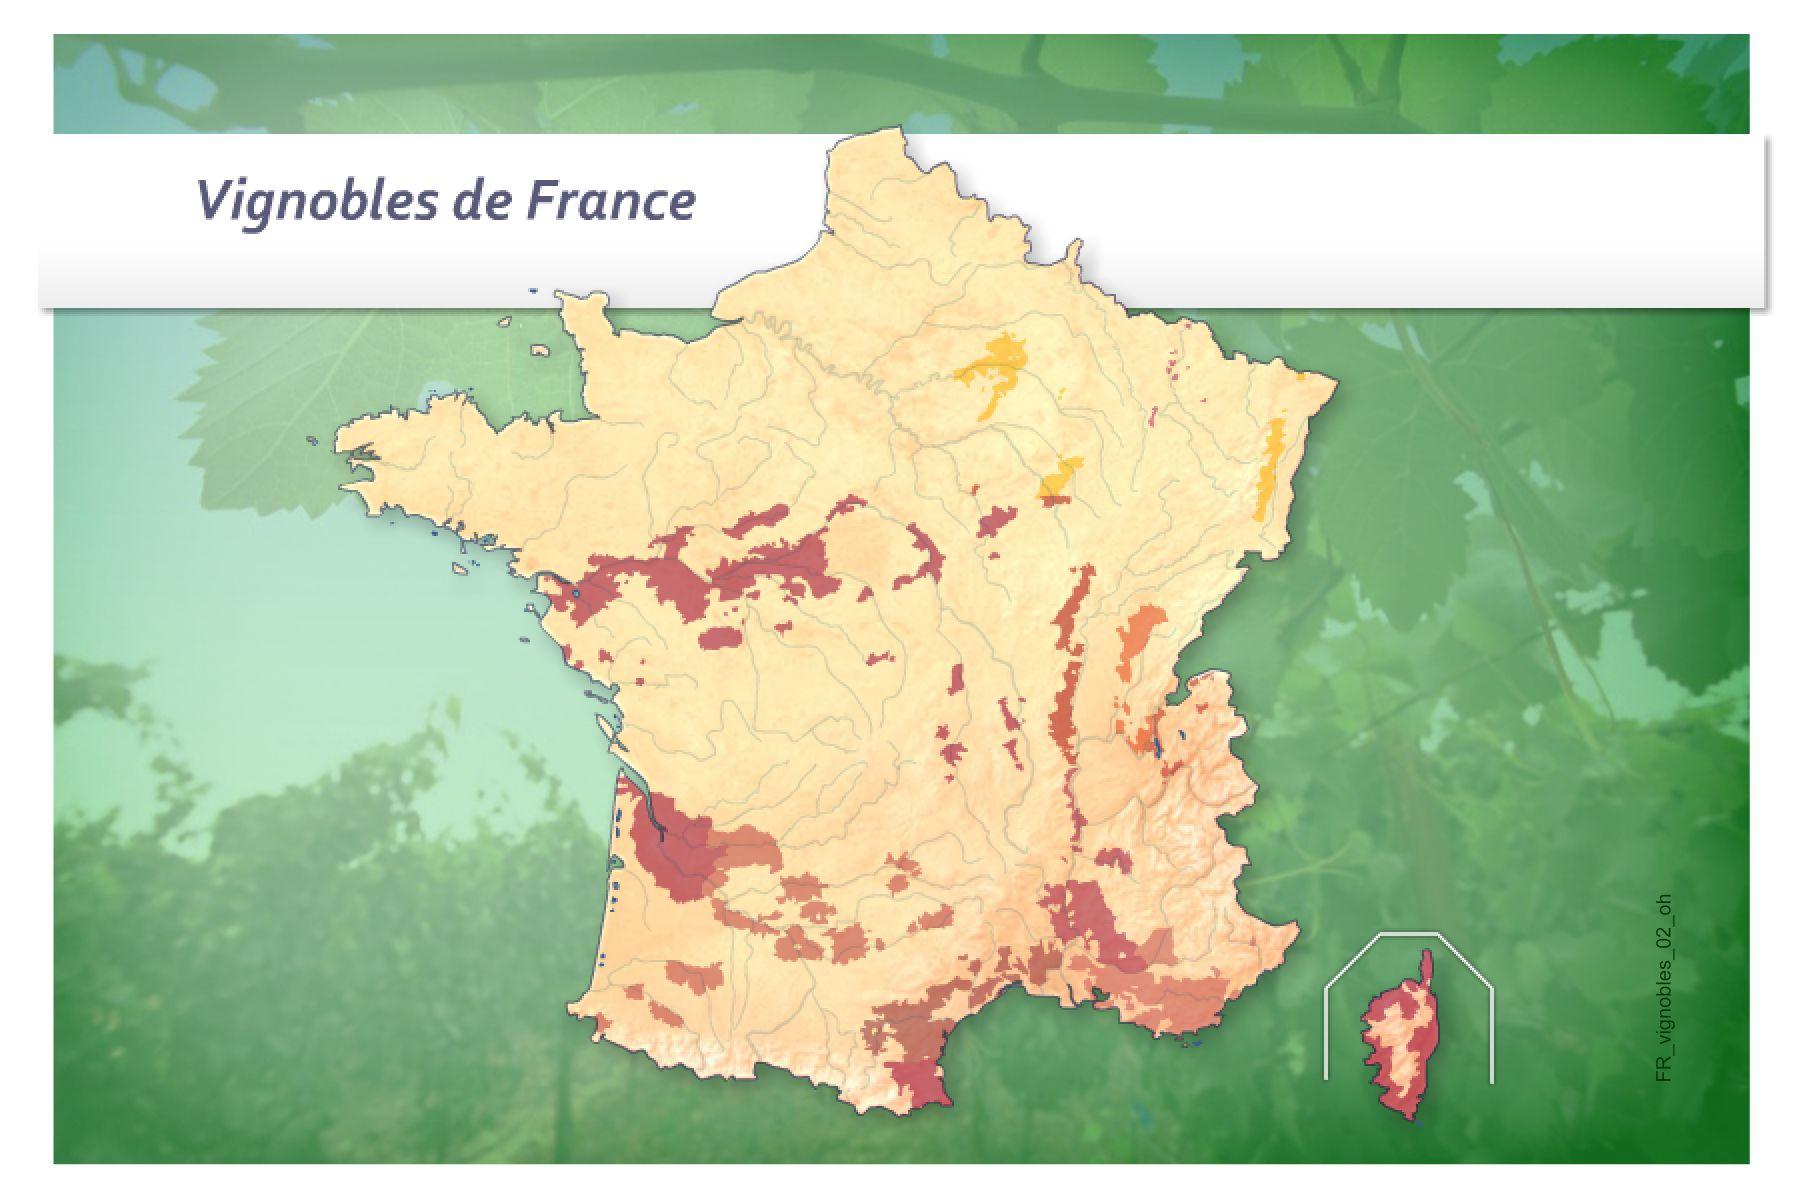 Jeux-Geographiques Jeux Gratuits Jeu Vignobles De France concernant Jeu Geographie Ville De France